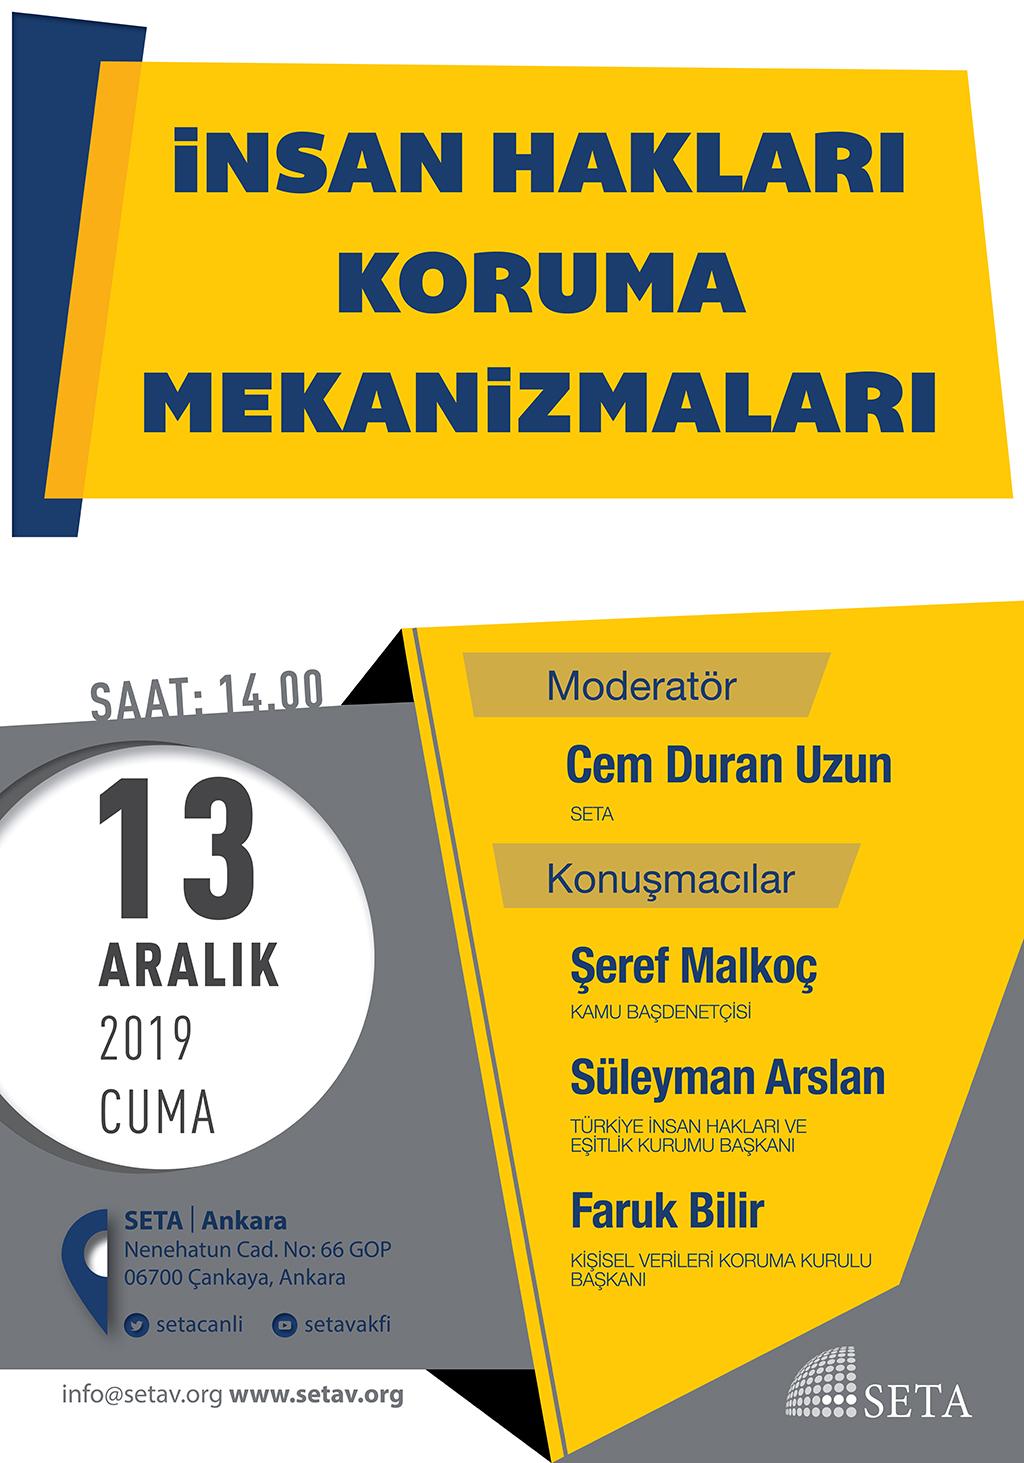 Panel: İnsan Hakları Koruma Mekanizmaları